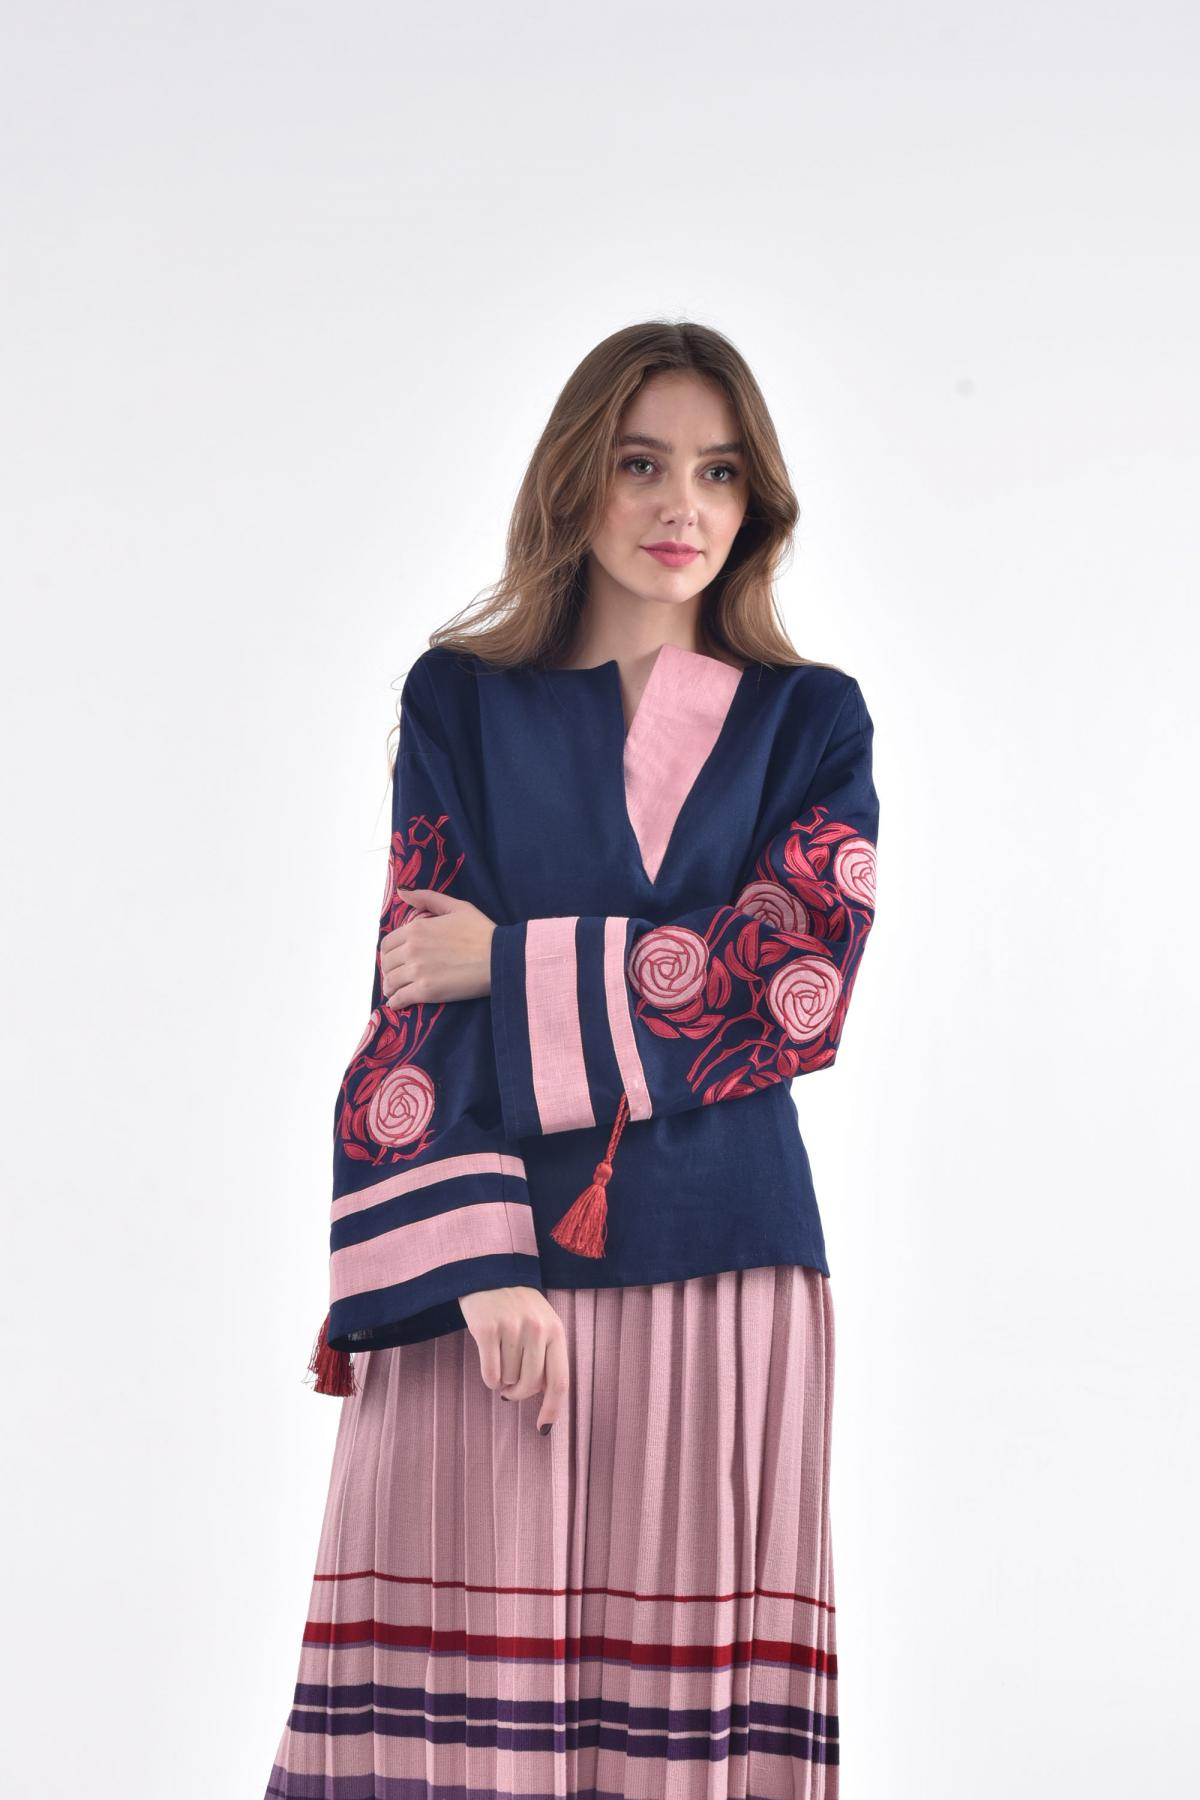 Блузка с вышивкой в виде шиповника темно-синяя. Фото №3. | Народный дом Украина